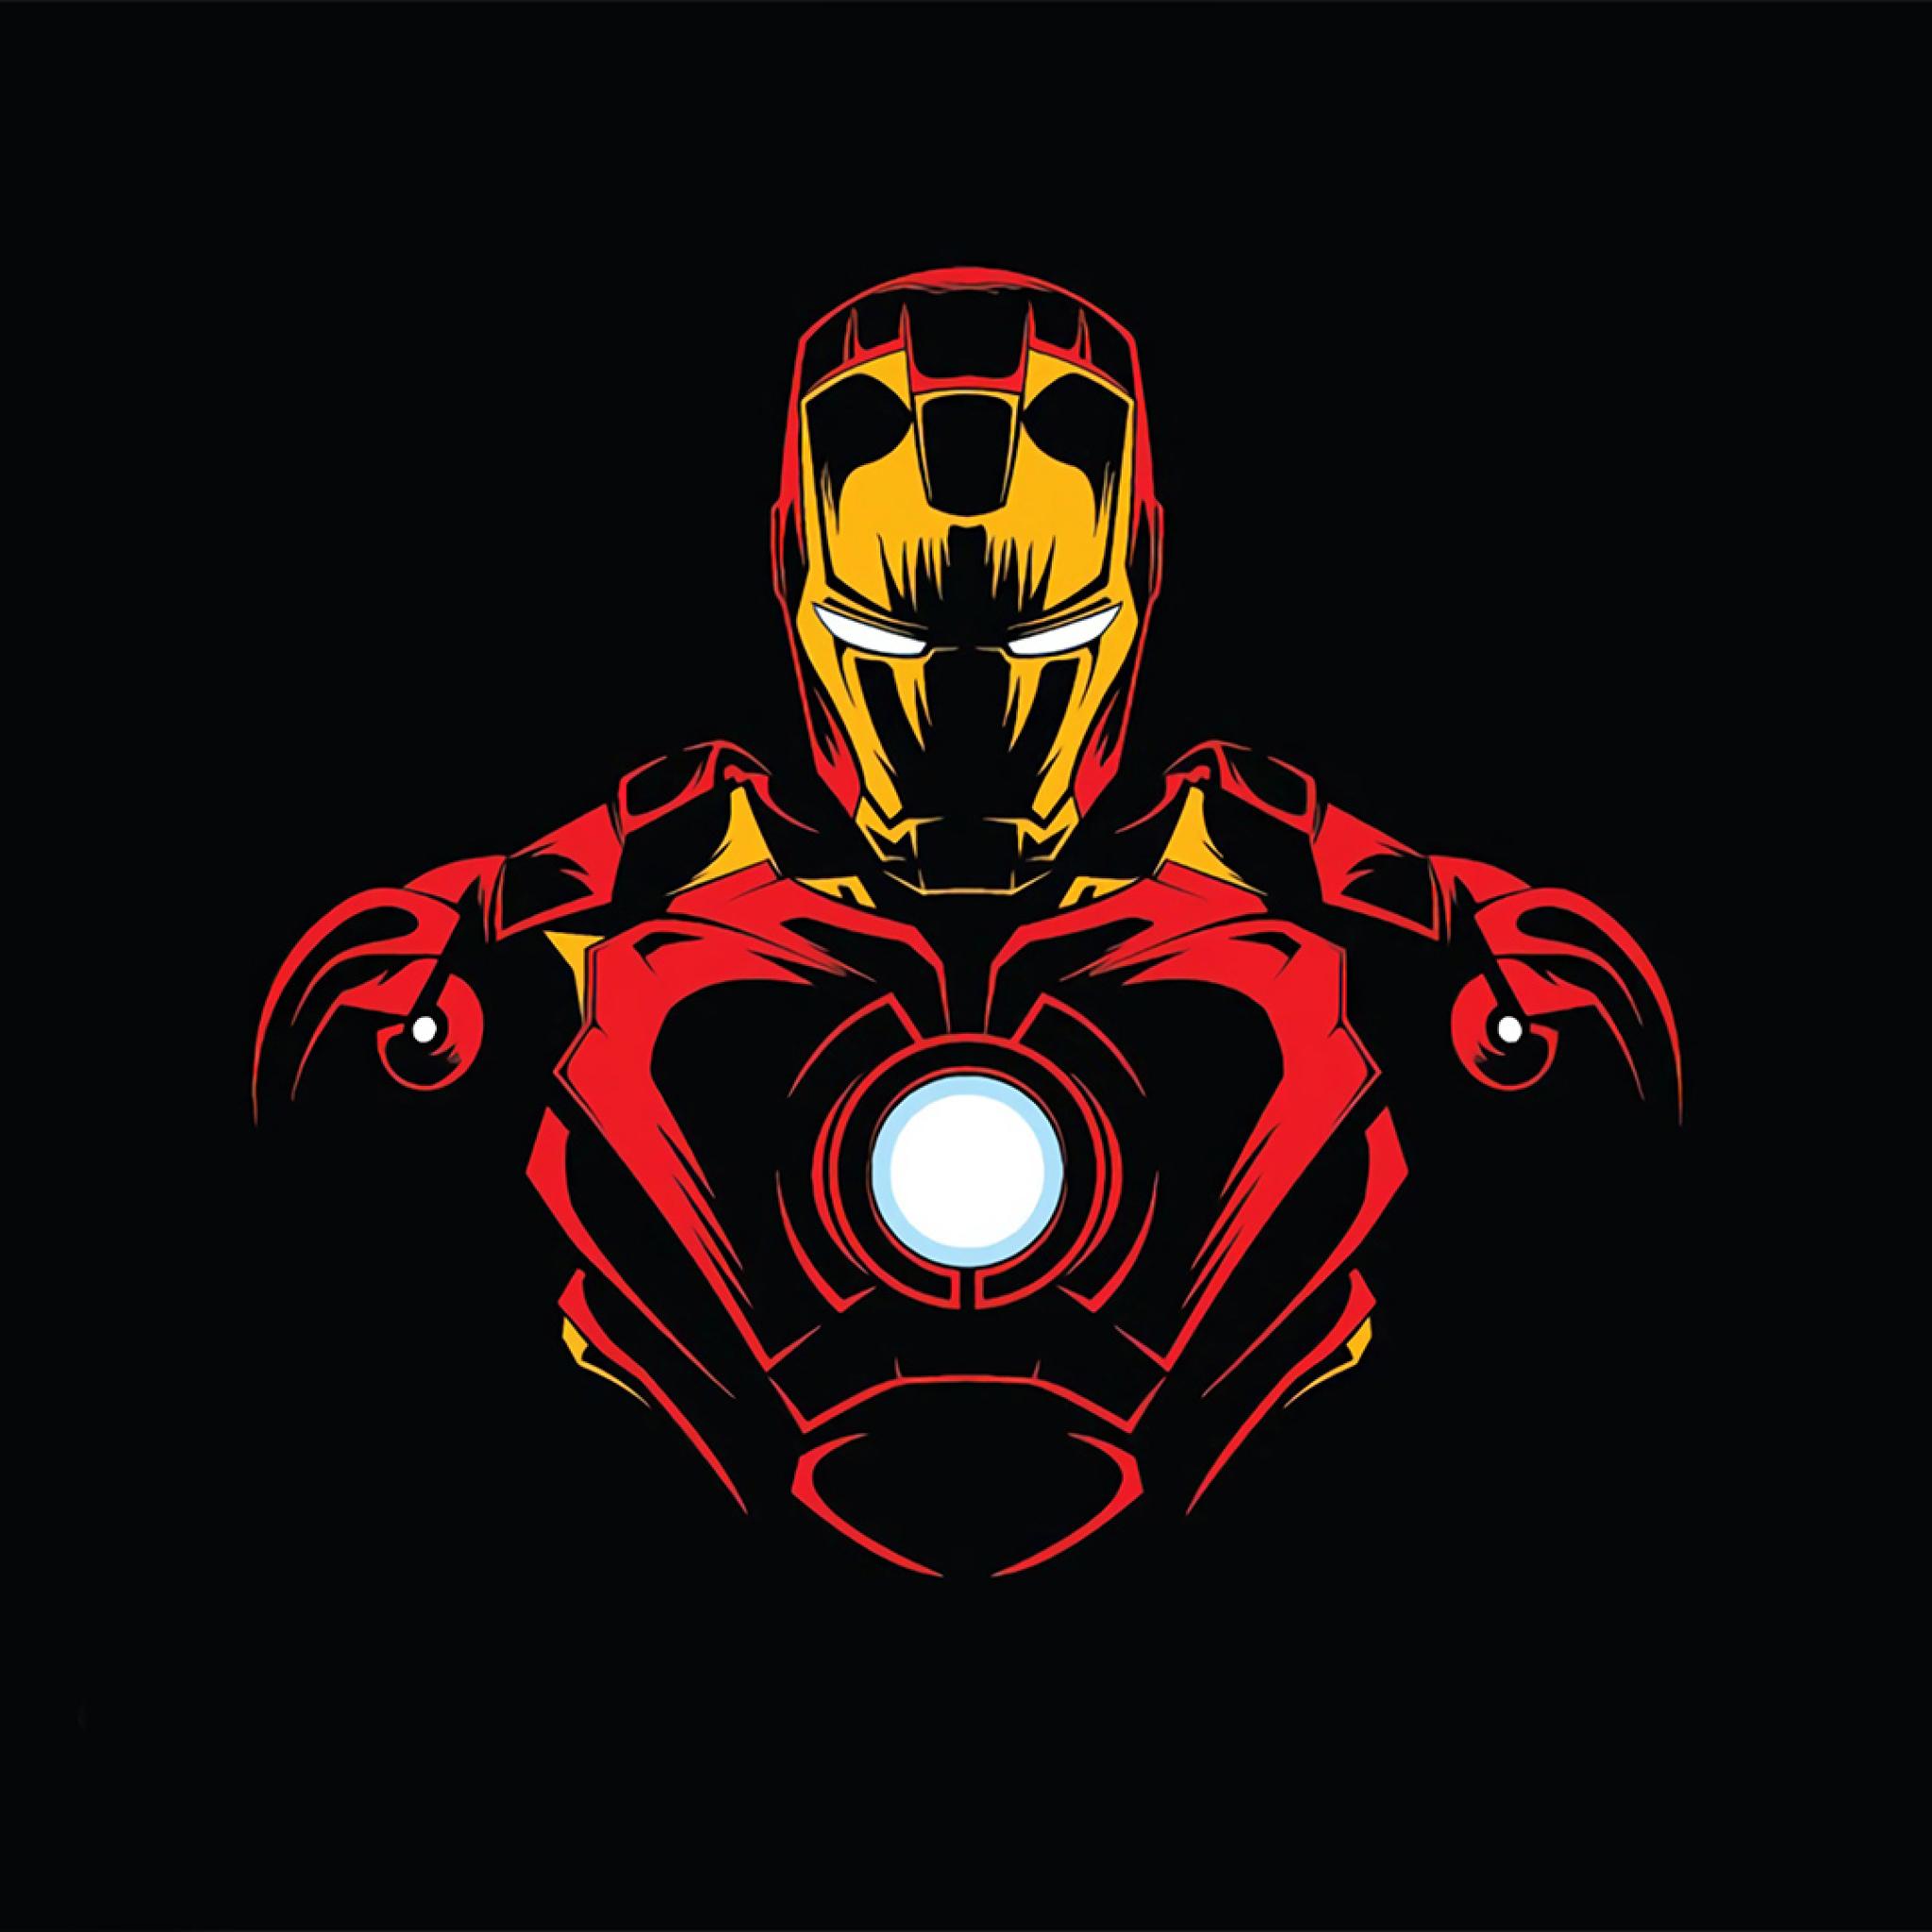 2048x2048 Iron Man Minimalist Ipad Air Wallpaper, HD